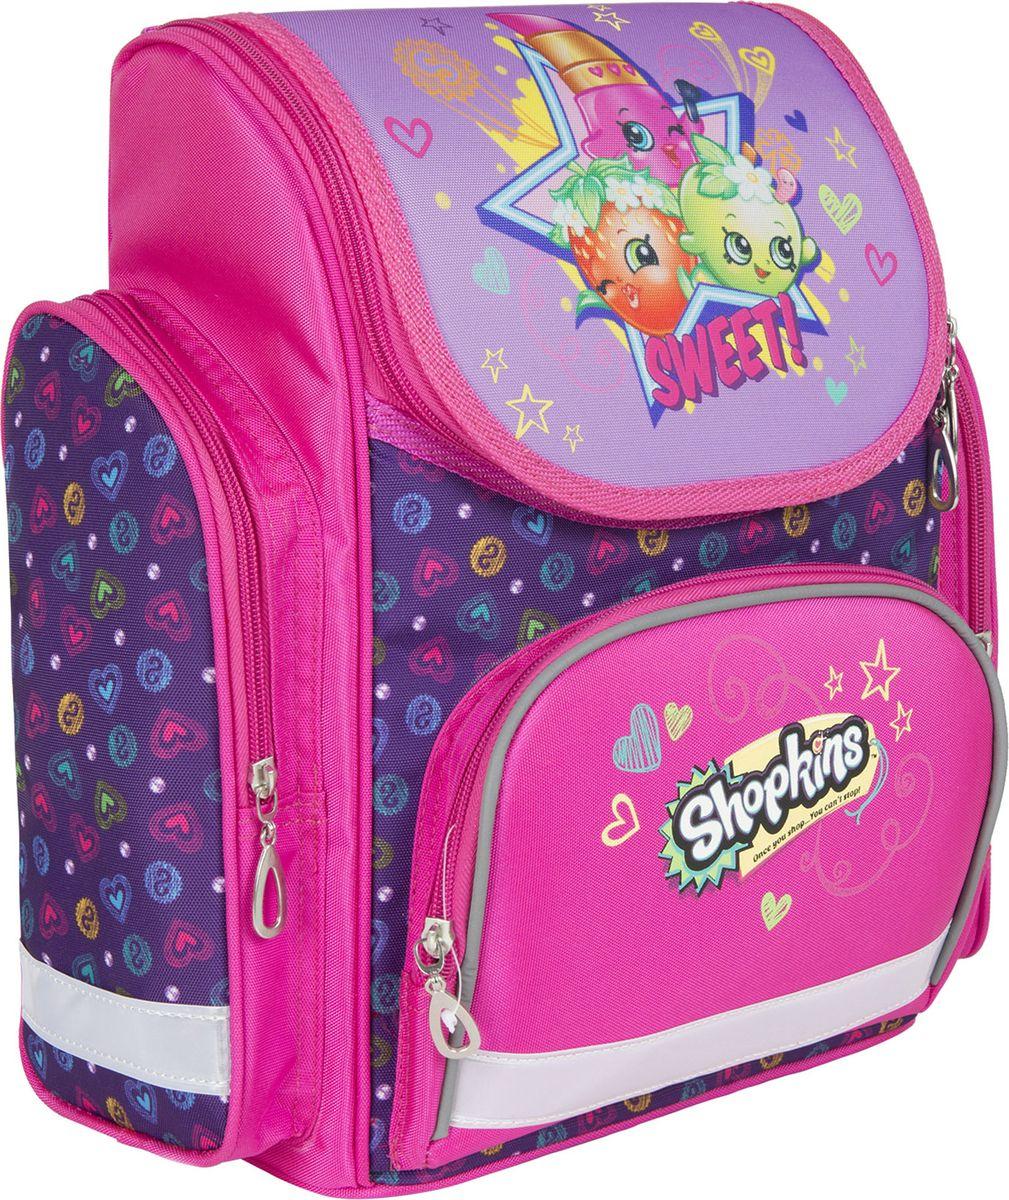 Shopkins Рюкзак Шопкинс цвет розовый 3178372523WDОртопедический рюкзак Шопкинс с твердым корпусом оптимален для школы: он имеет легкий вес и компактный, удобный размер. Основное отделение закрывается на молнию, подходит для формата А4, имеет отсек для тетрадей и карабин для ключей. Спереди находится карман на молнии, вмещающий пенал, а по бокам - 2 кармана на молнии высотой 23,5 см. Удобная усиленная спинка из дышащего плотного и мягкого поролона равномерно распределяет нагрузку на позвоночник. Мягкие анатомические регулируемые лямки оберегают плечи ребенка от натирания. Светоотражающие элементы на лямках, лицевом и боковых карманах повышают видимость ребенка на дороге в темное время суток, повышая его безопасность. Прорезиненная ручка удобна для переноски рюкзака в руке или размещения на вешалке. Износостойкий, водонепроницаемый материал обеспечивает изделию длительный срок службы и защищает вещи от намокания. Аксессуар декорирован ярким и стойким принтом (сублимированной печатью и шелкографией).Порадуйте свою малышку таким замечательным подарком!